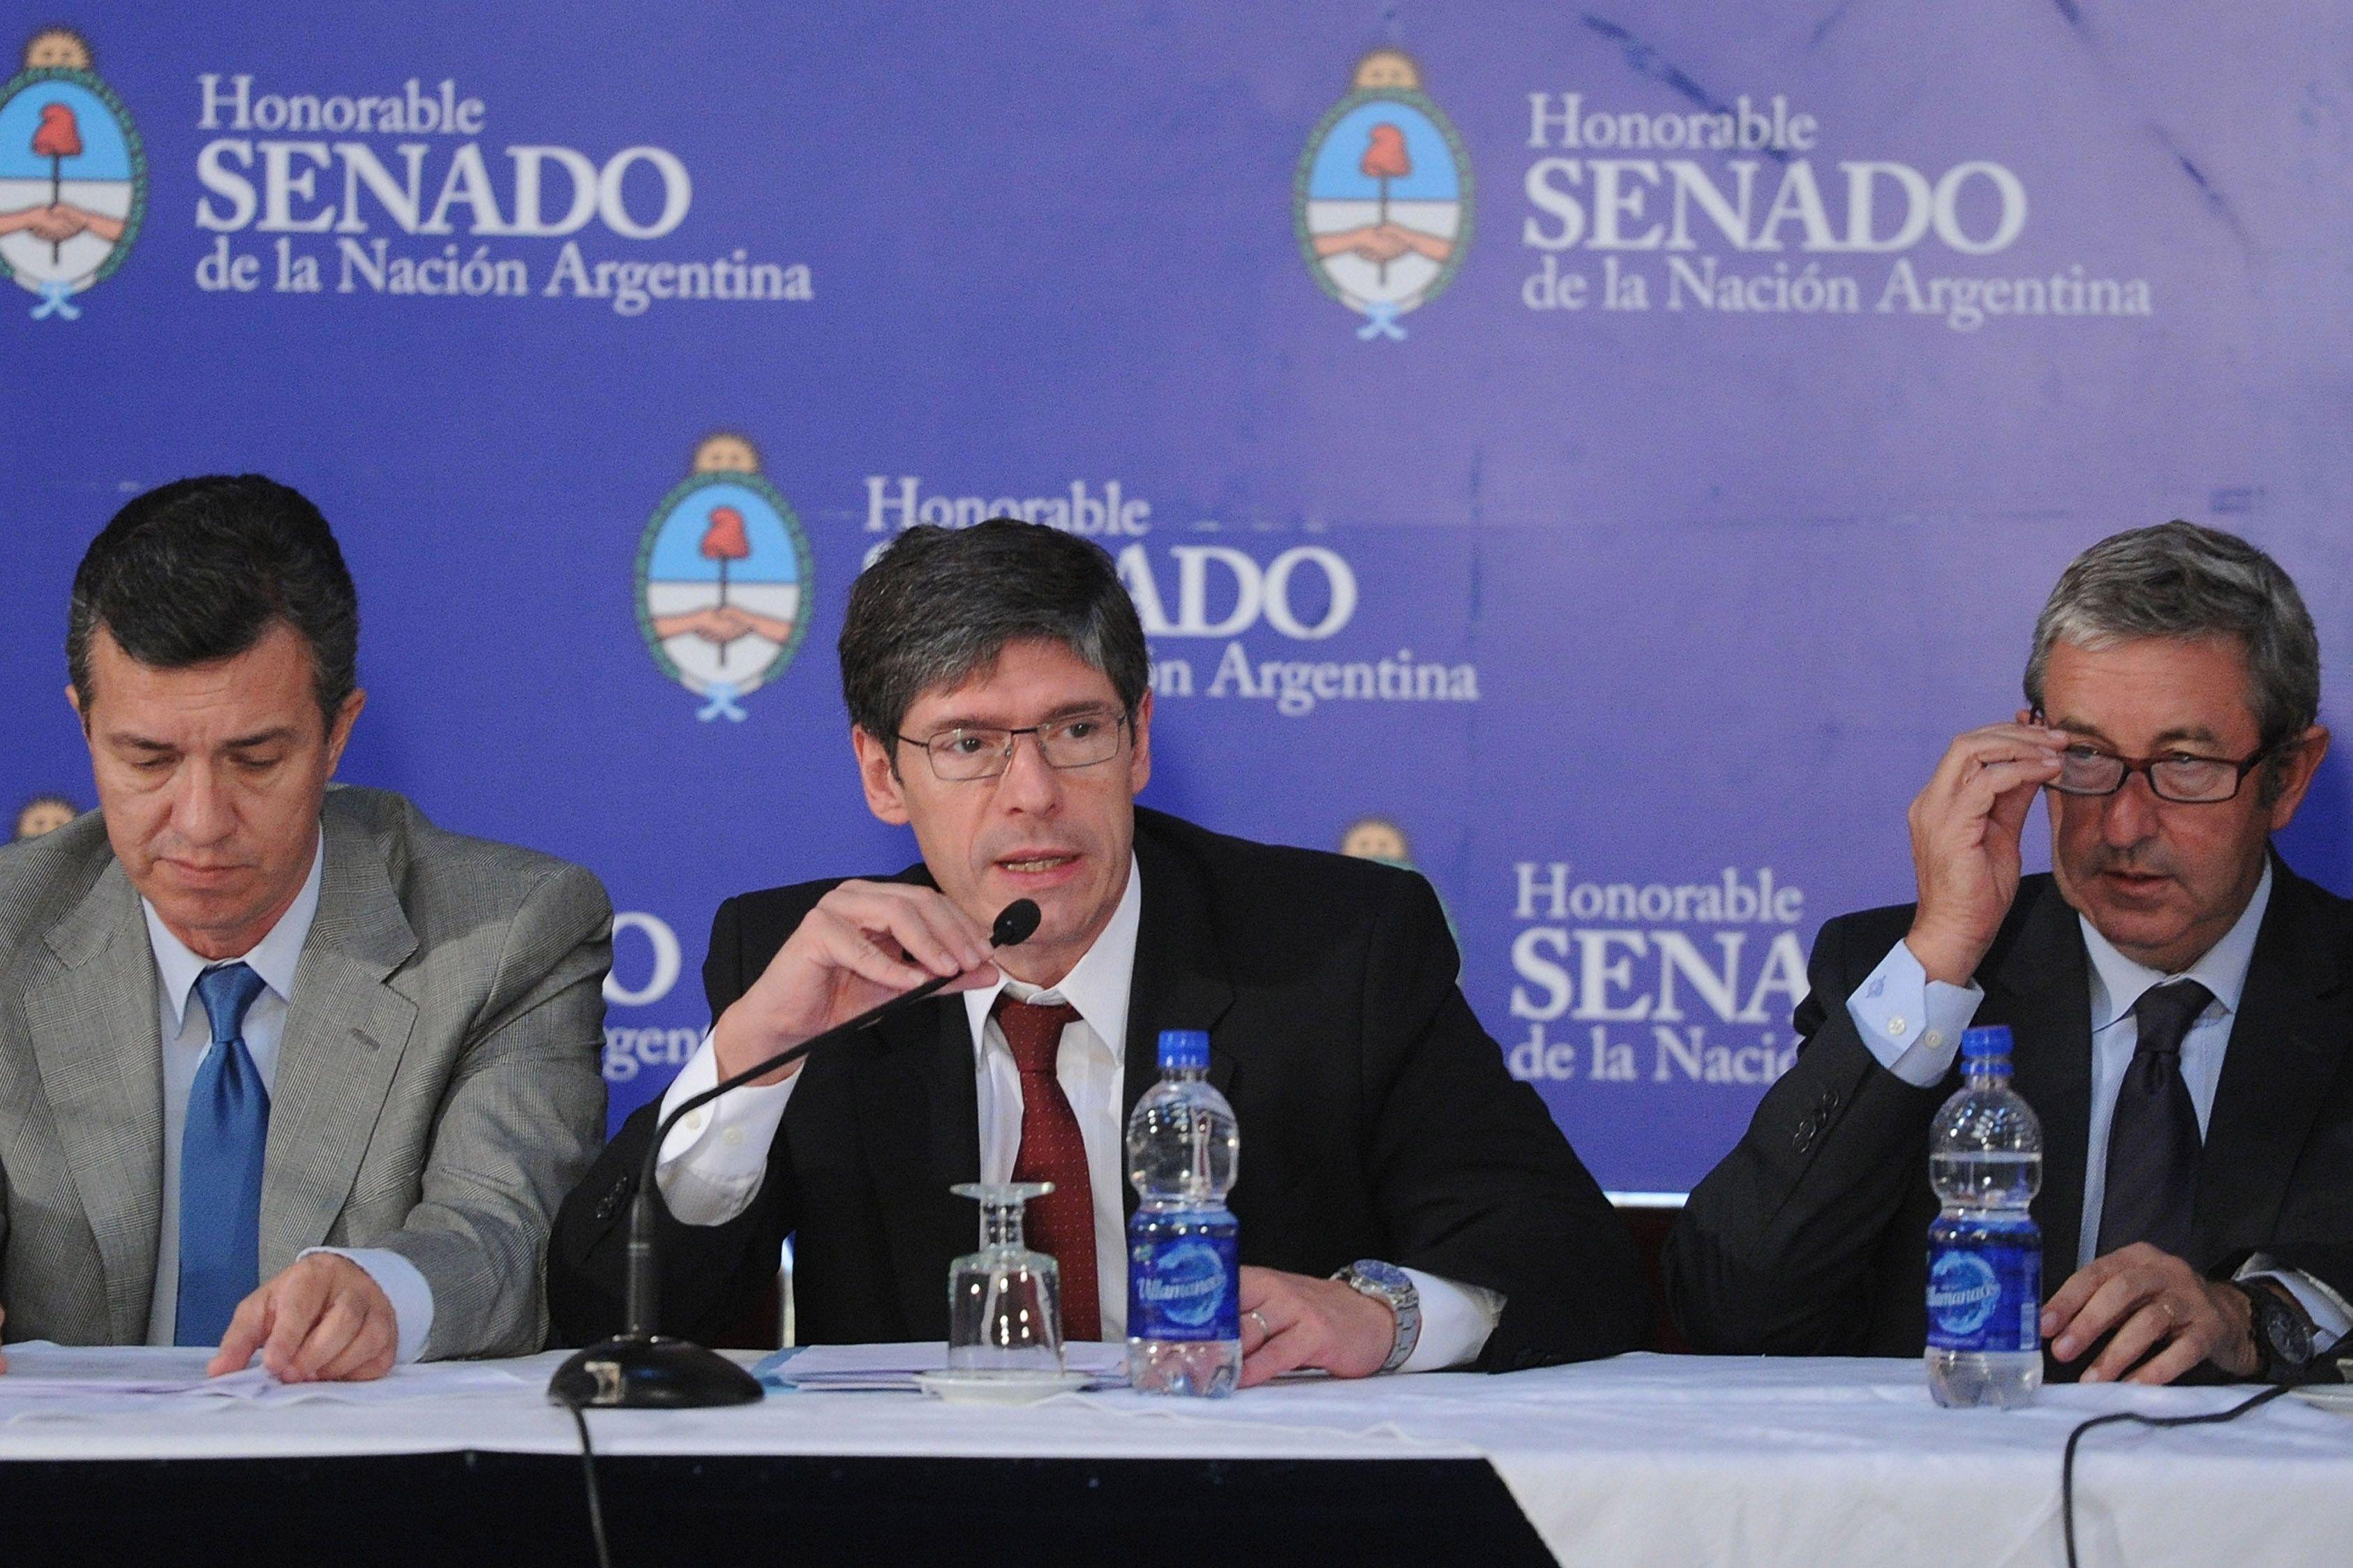 Con economistas, Senado retomó el debate por acuerdo con los holdouts